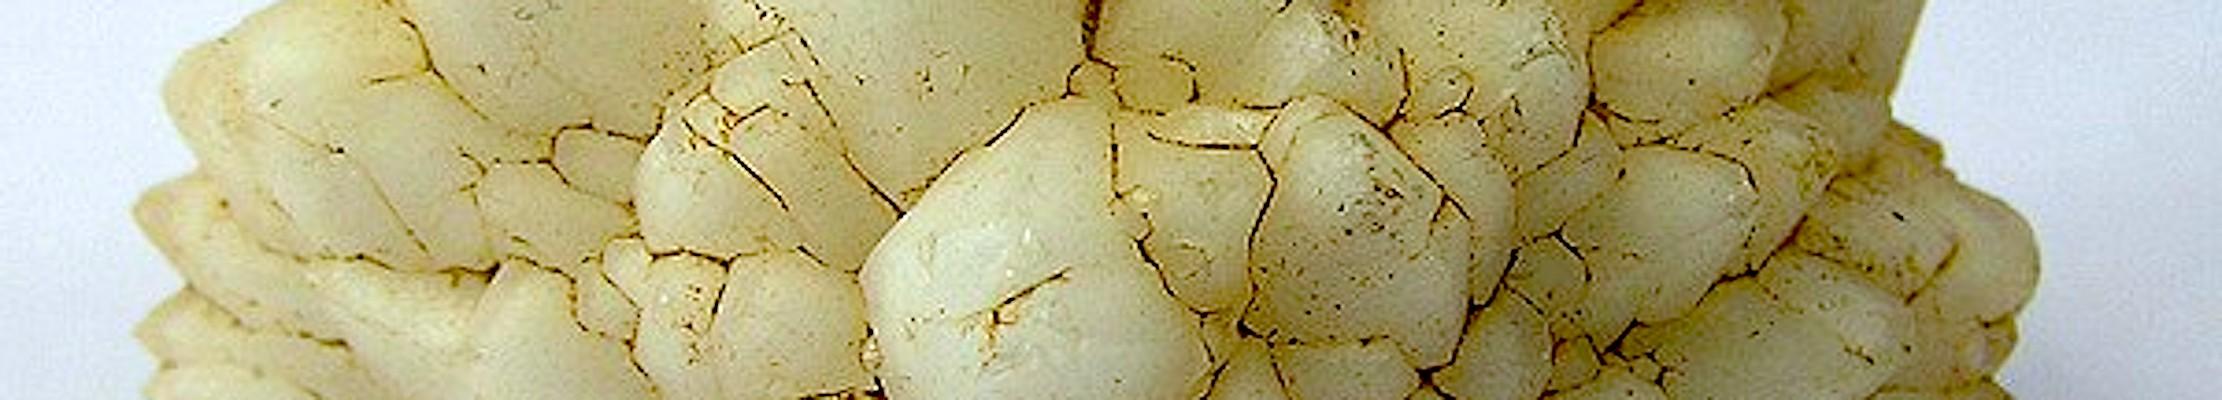 Молочный кварц из Димоны, Израиль.